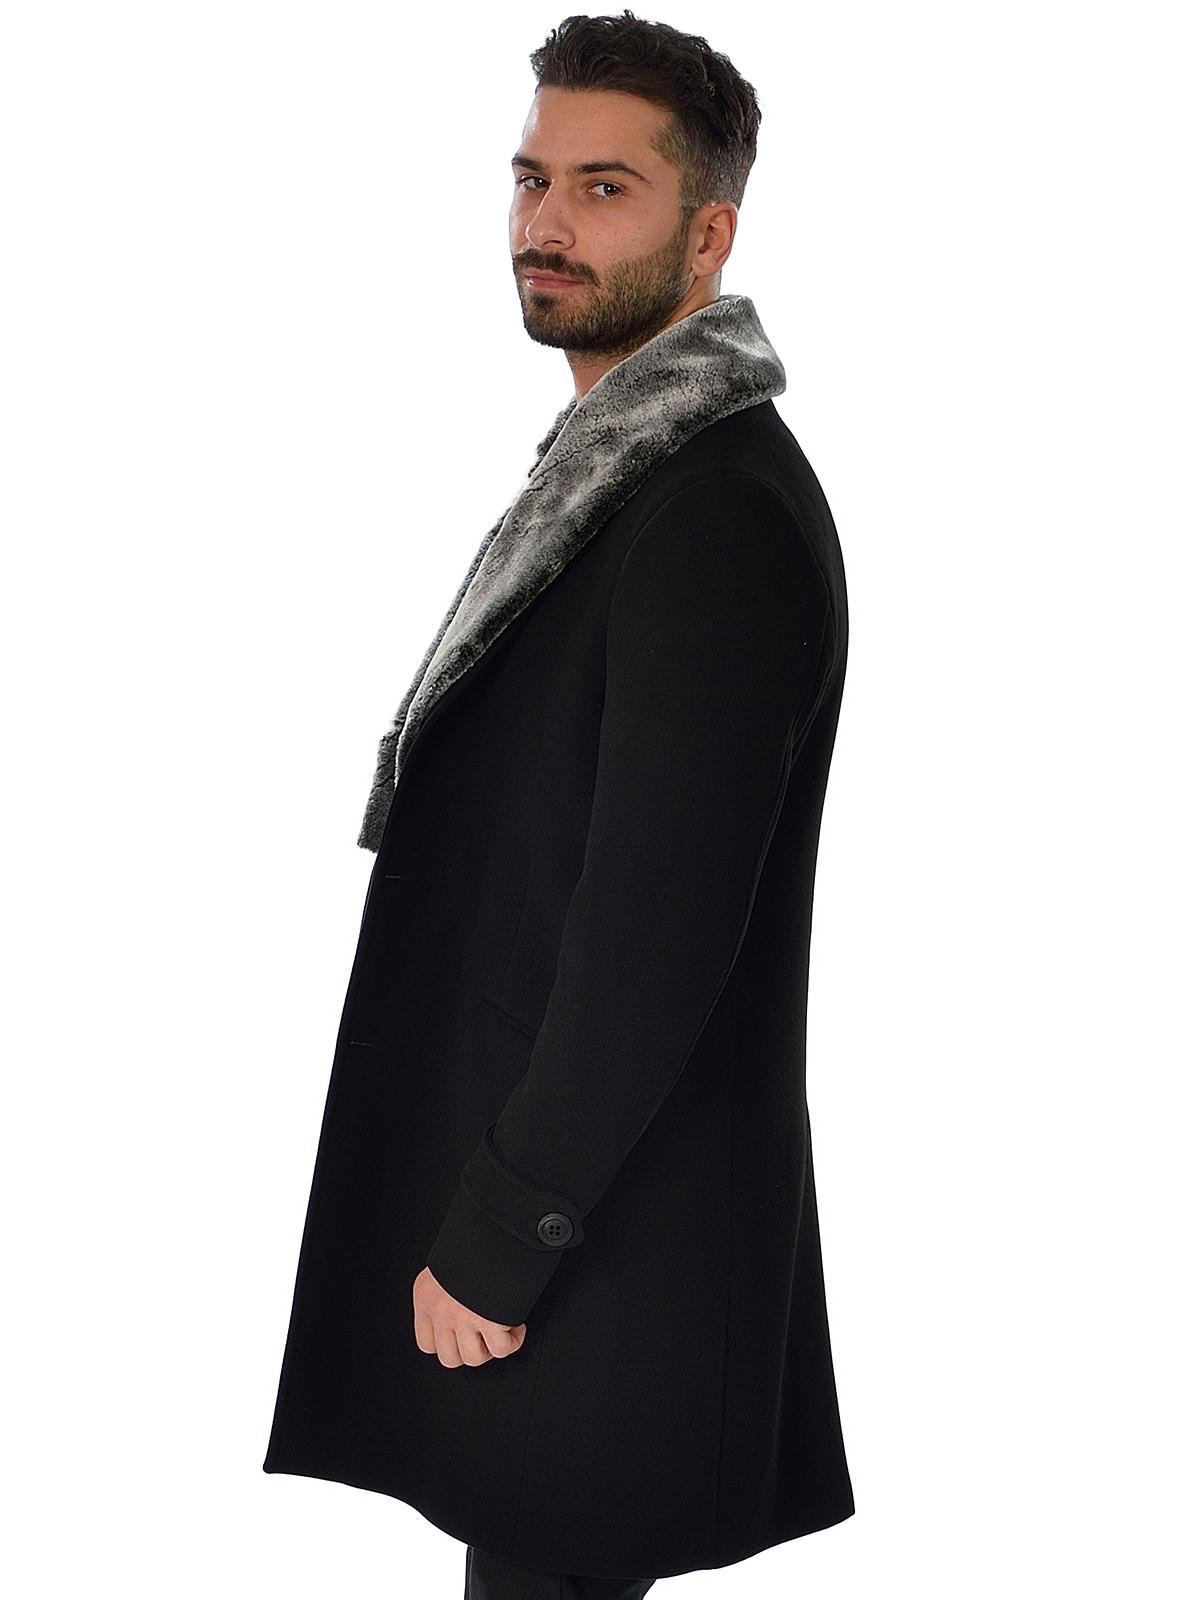 schwarzer langer mantel mit pelz descy official. Black Bedroom Furniture Sets. Home Design Ideas